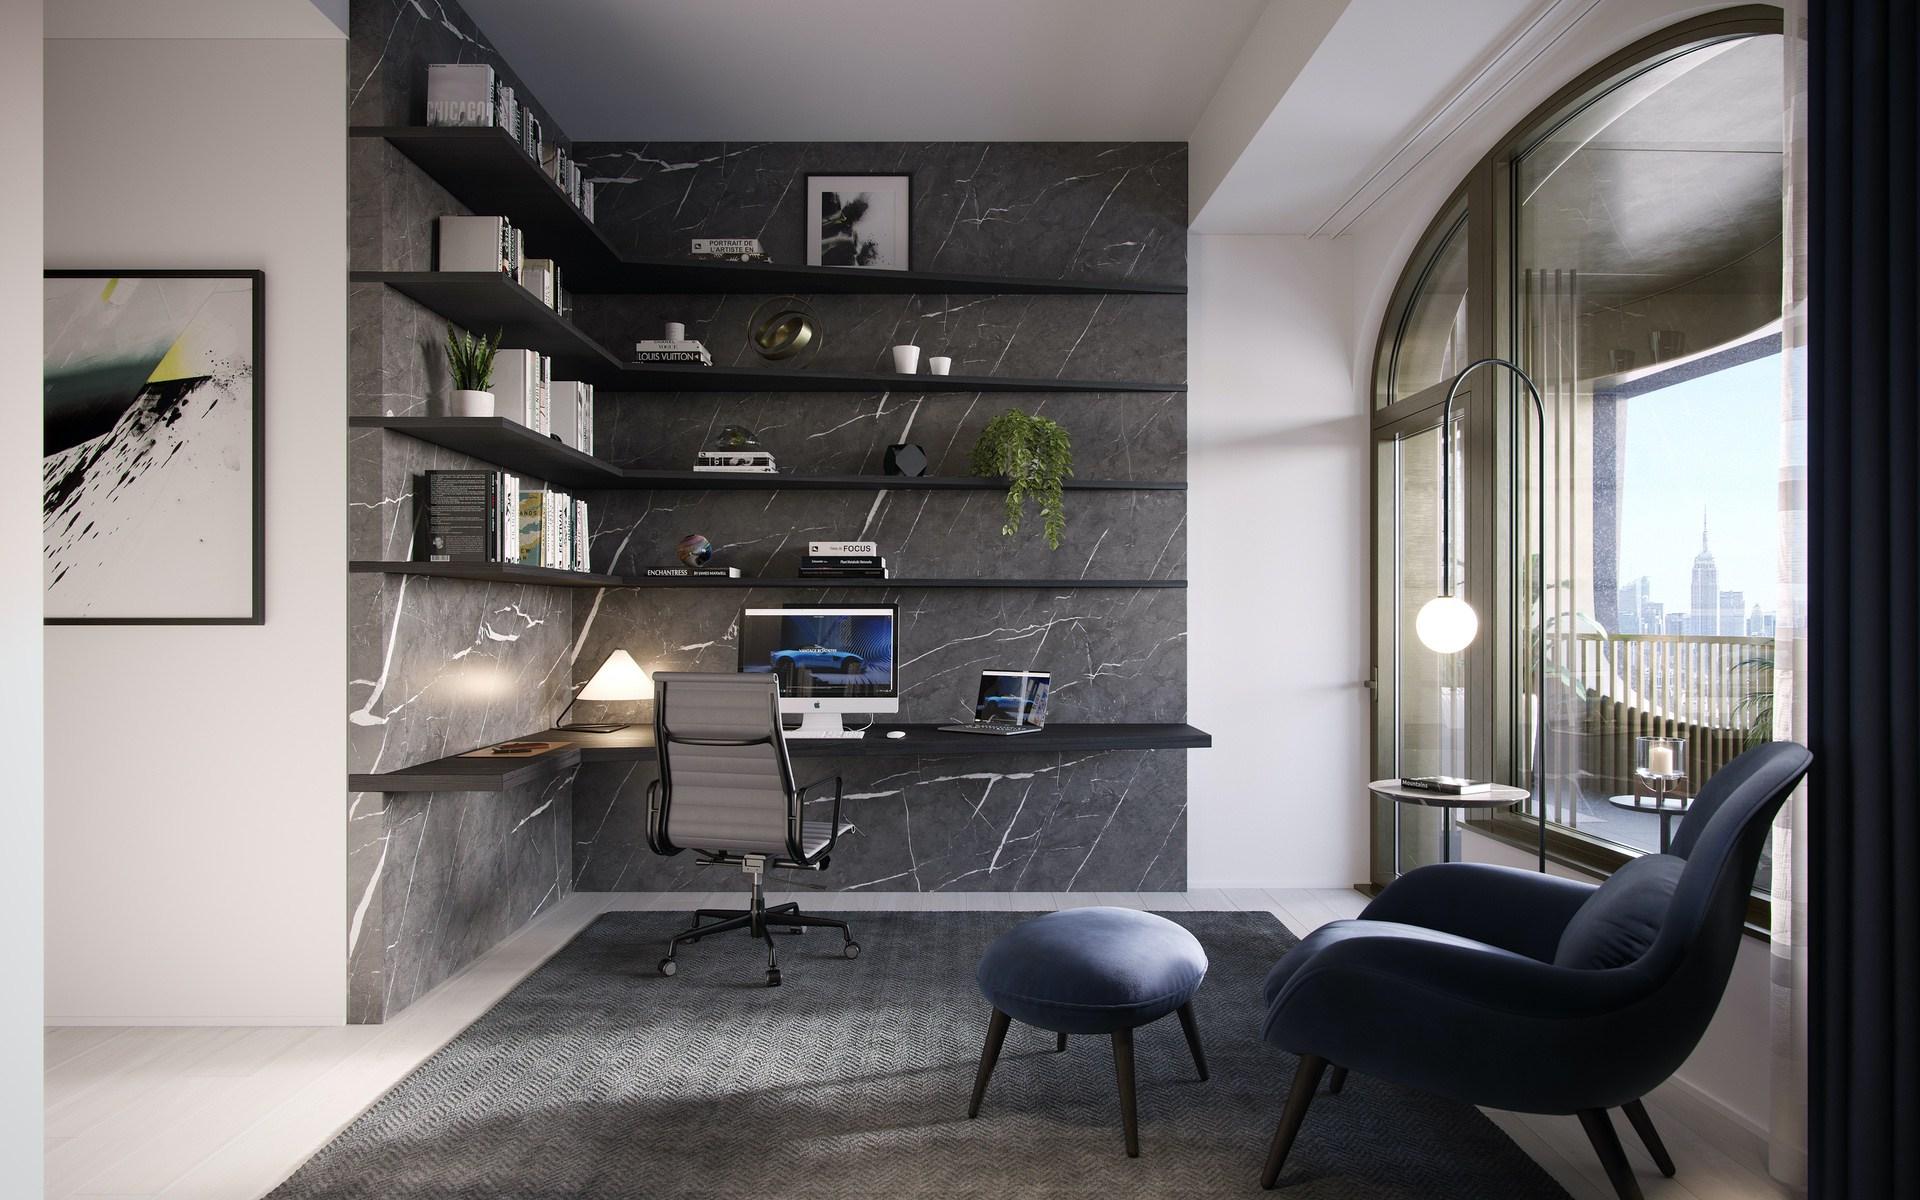 Aston_Martin_NY_Apartments_0019